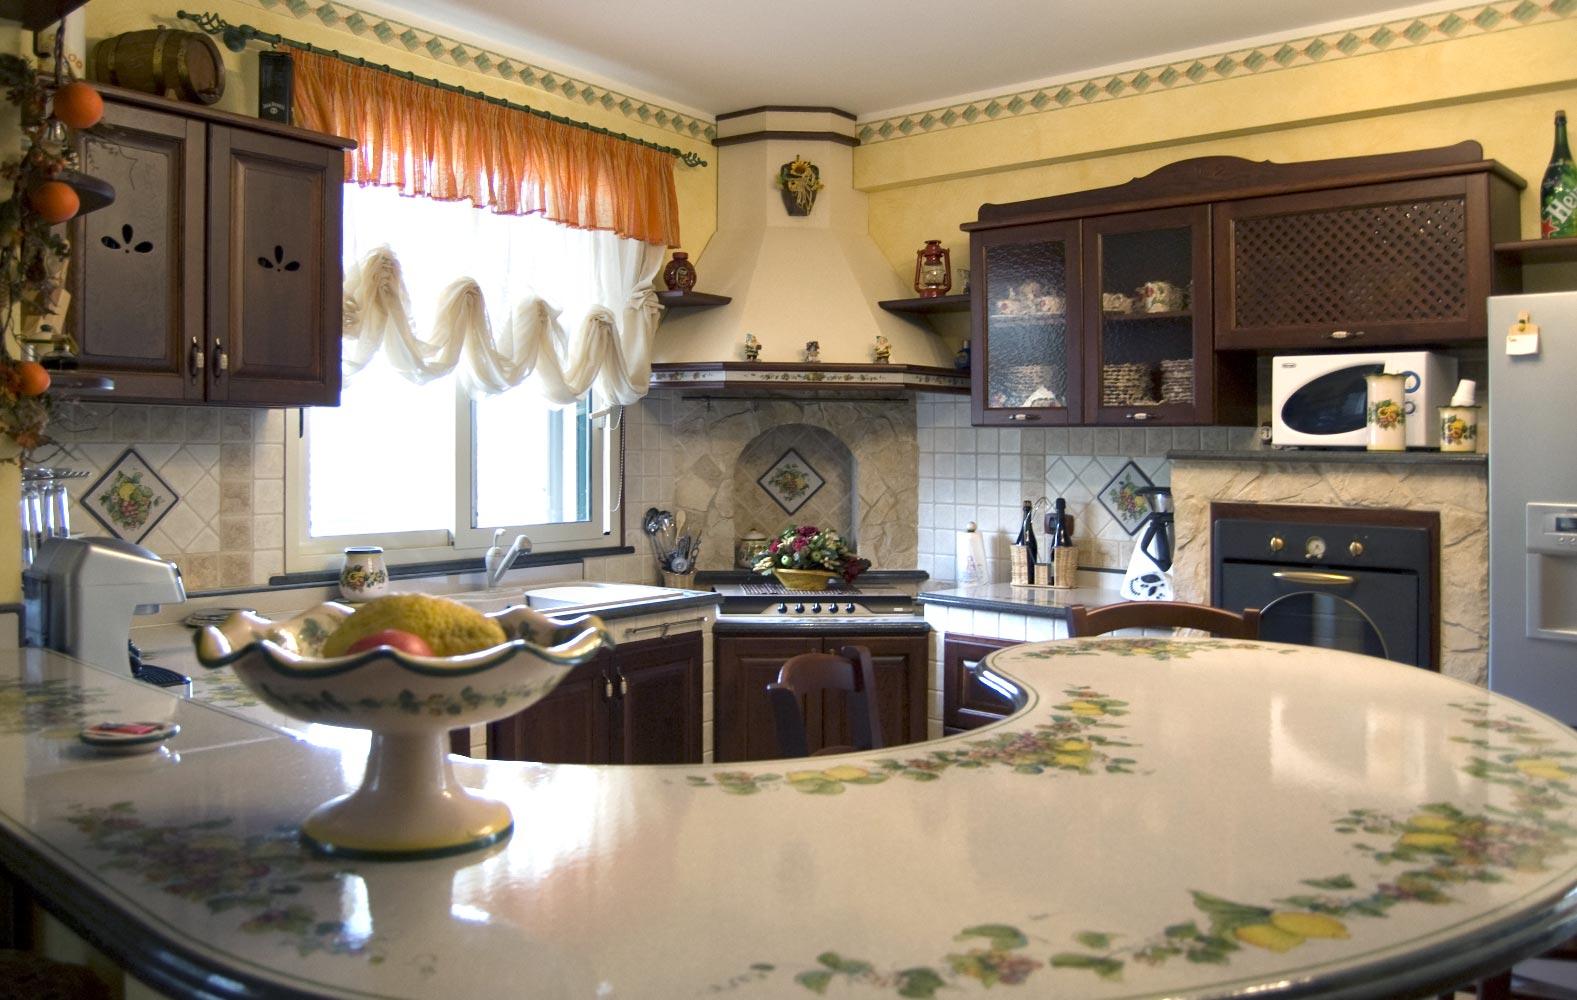 Cucine ecologiche cucine in finta muratura modello for Cucine in muratura con isola